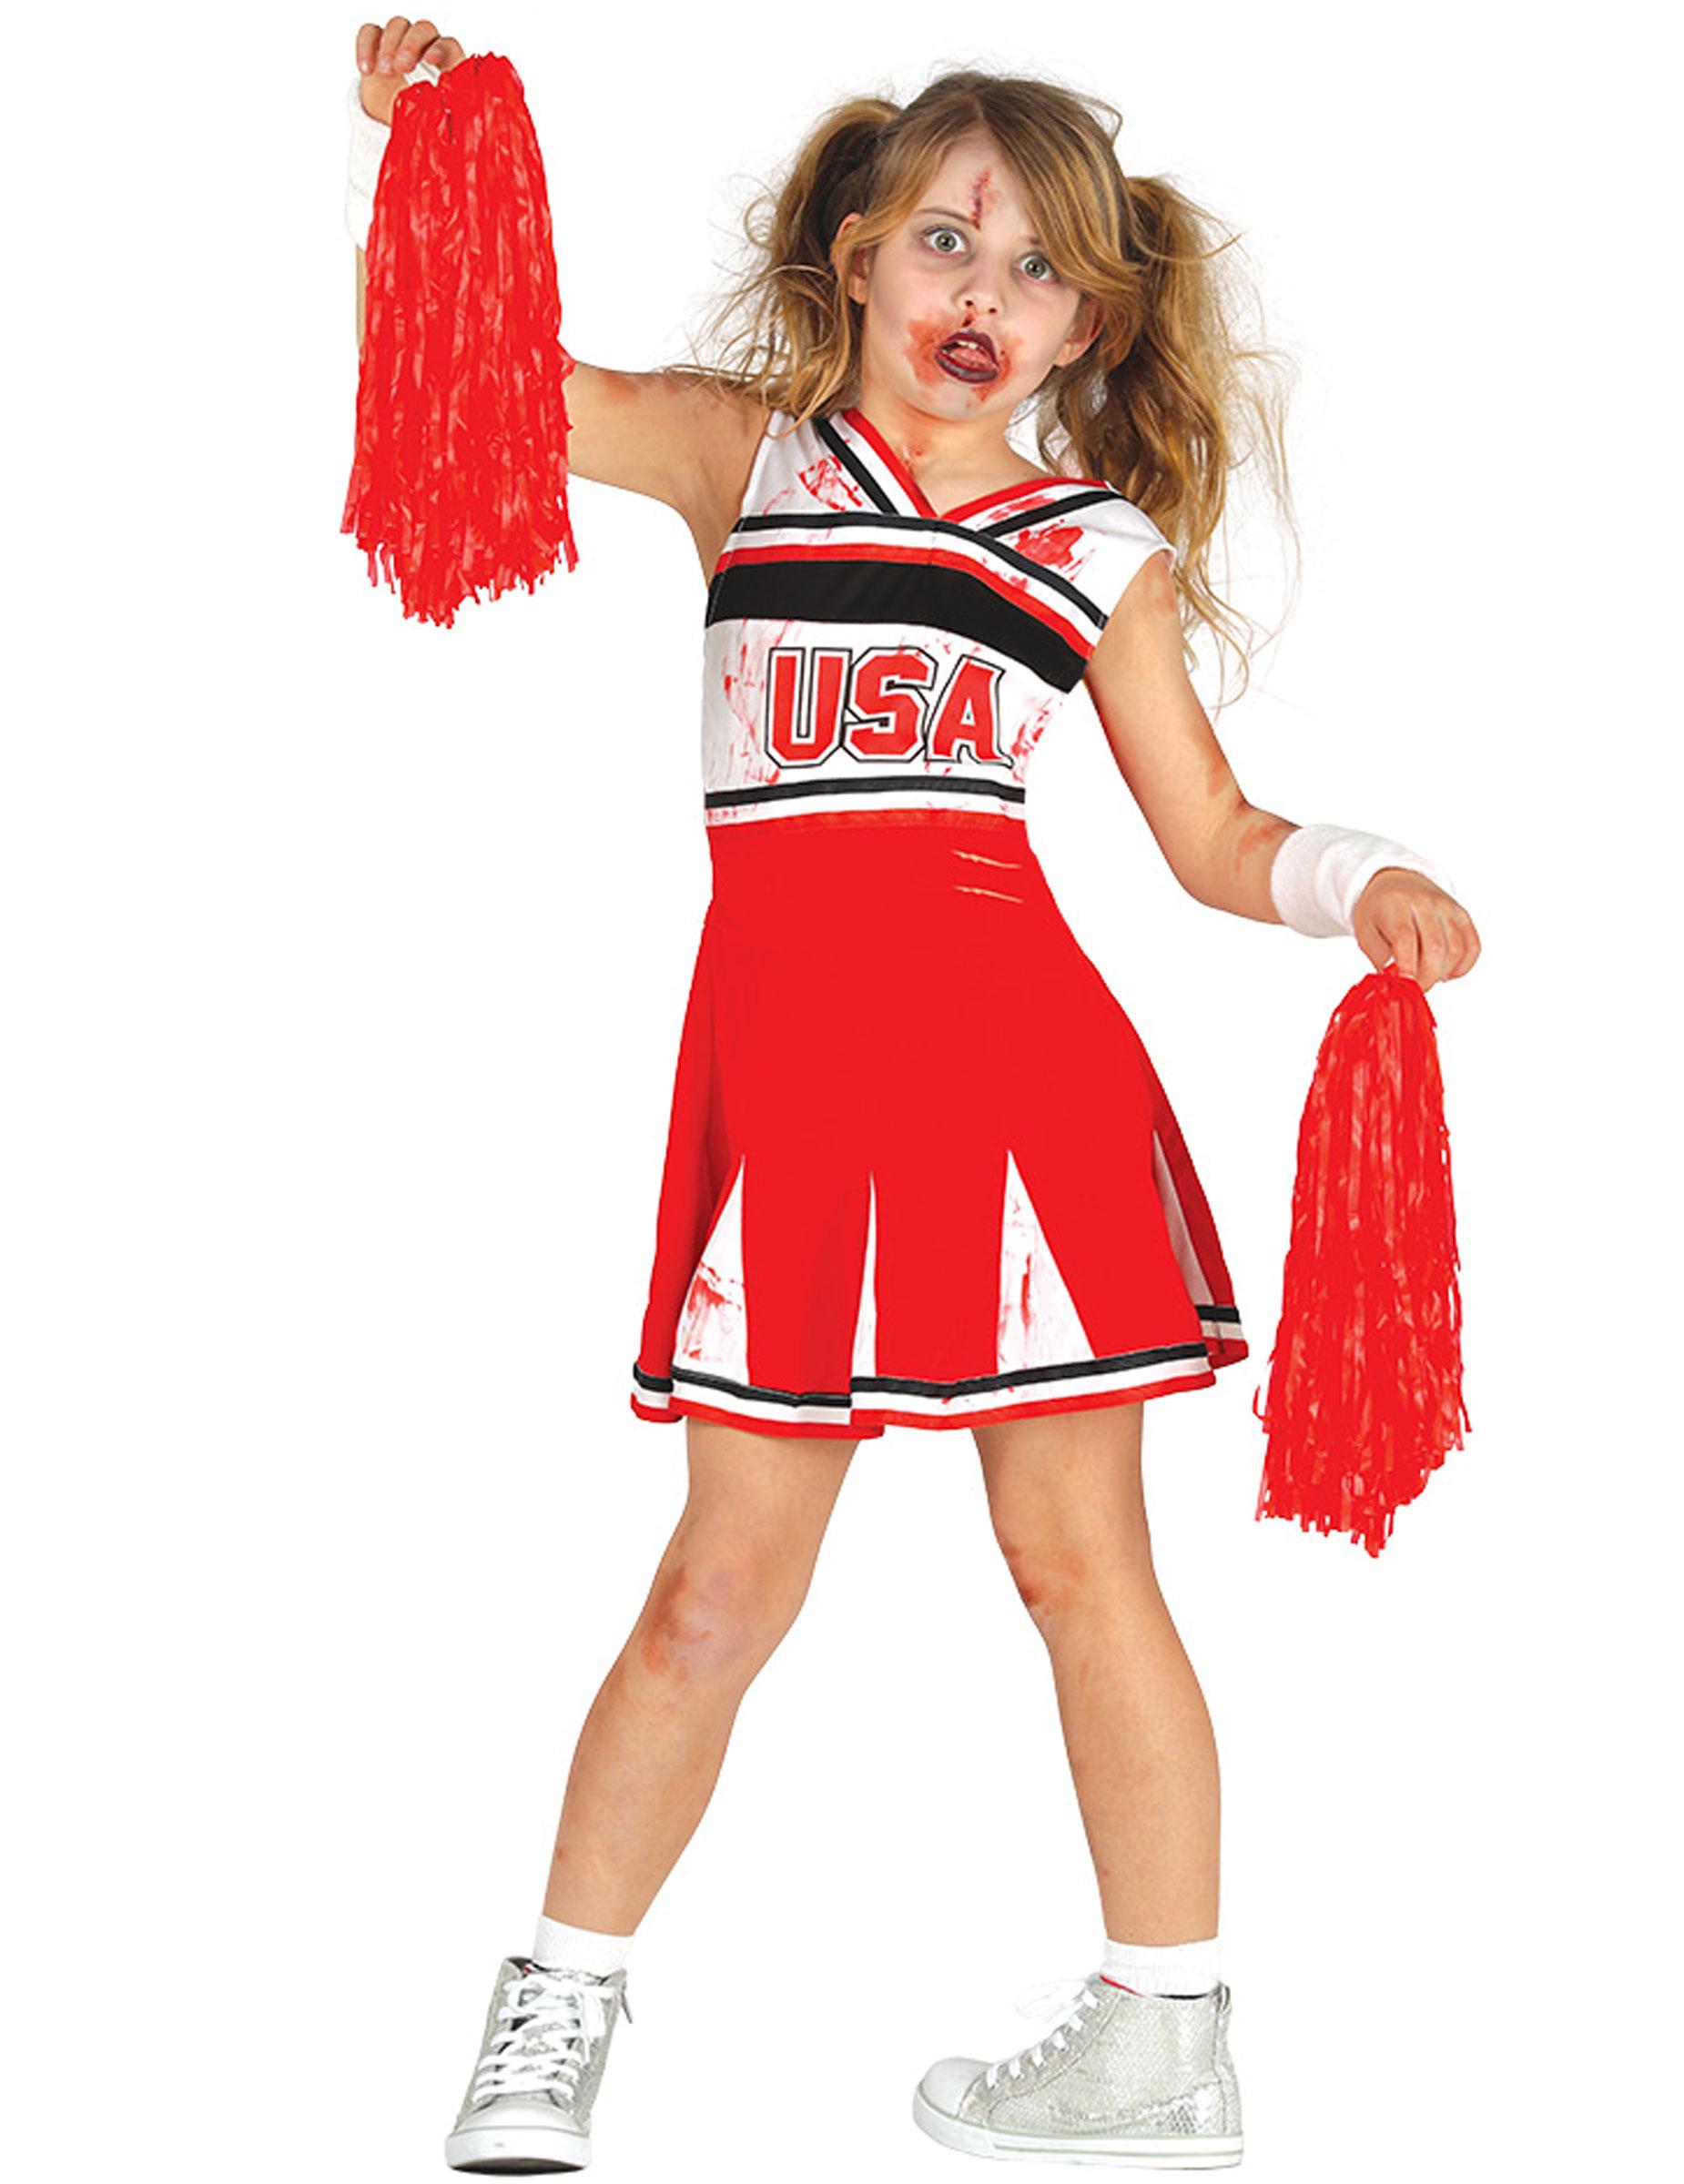 Cheerleader Halloweenkostum Fur Madchen Rot Schwarz Weiss Kostume